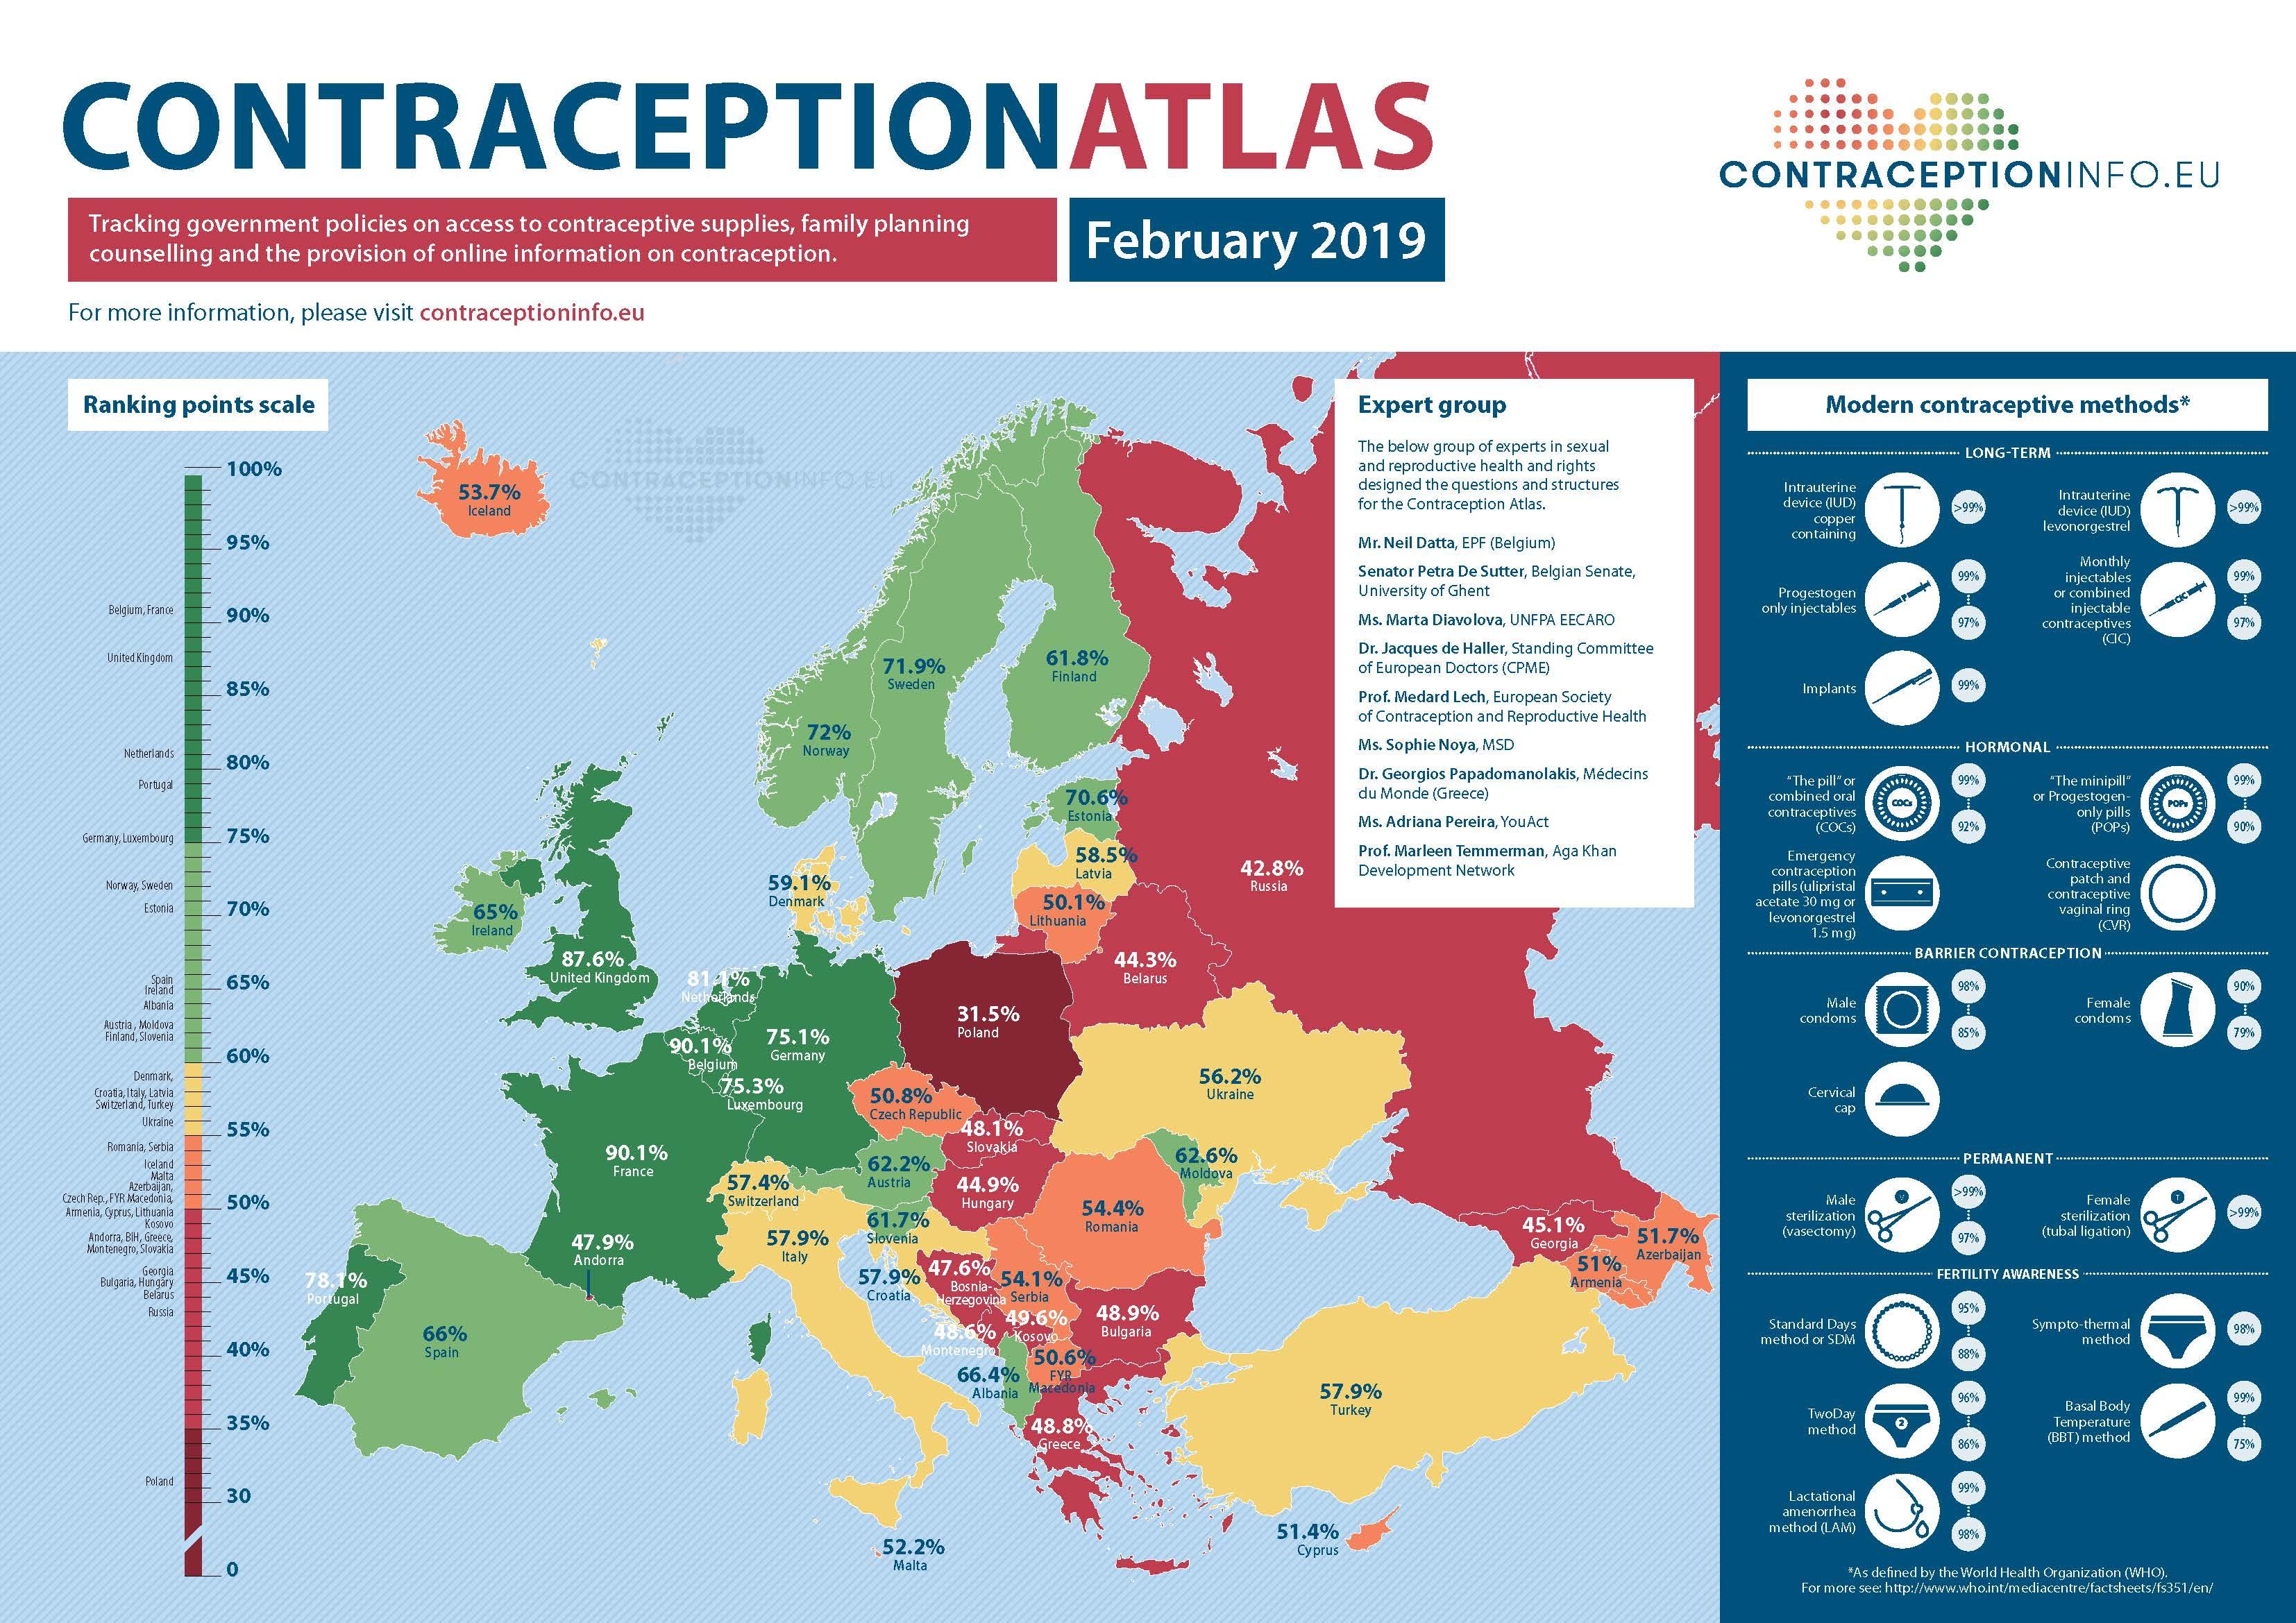 Dostęp do antykoncepcji w Polsce - jak wypadamy na tle innych Europejskich krajów?